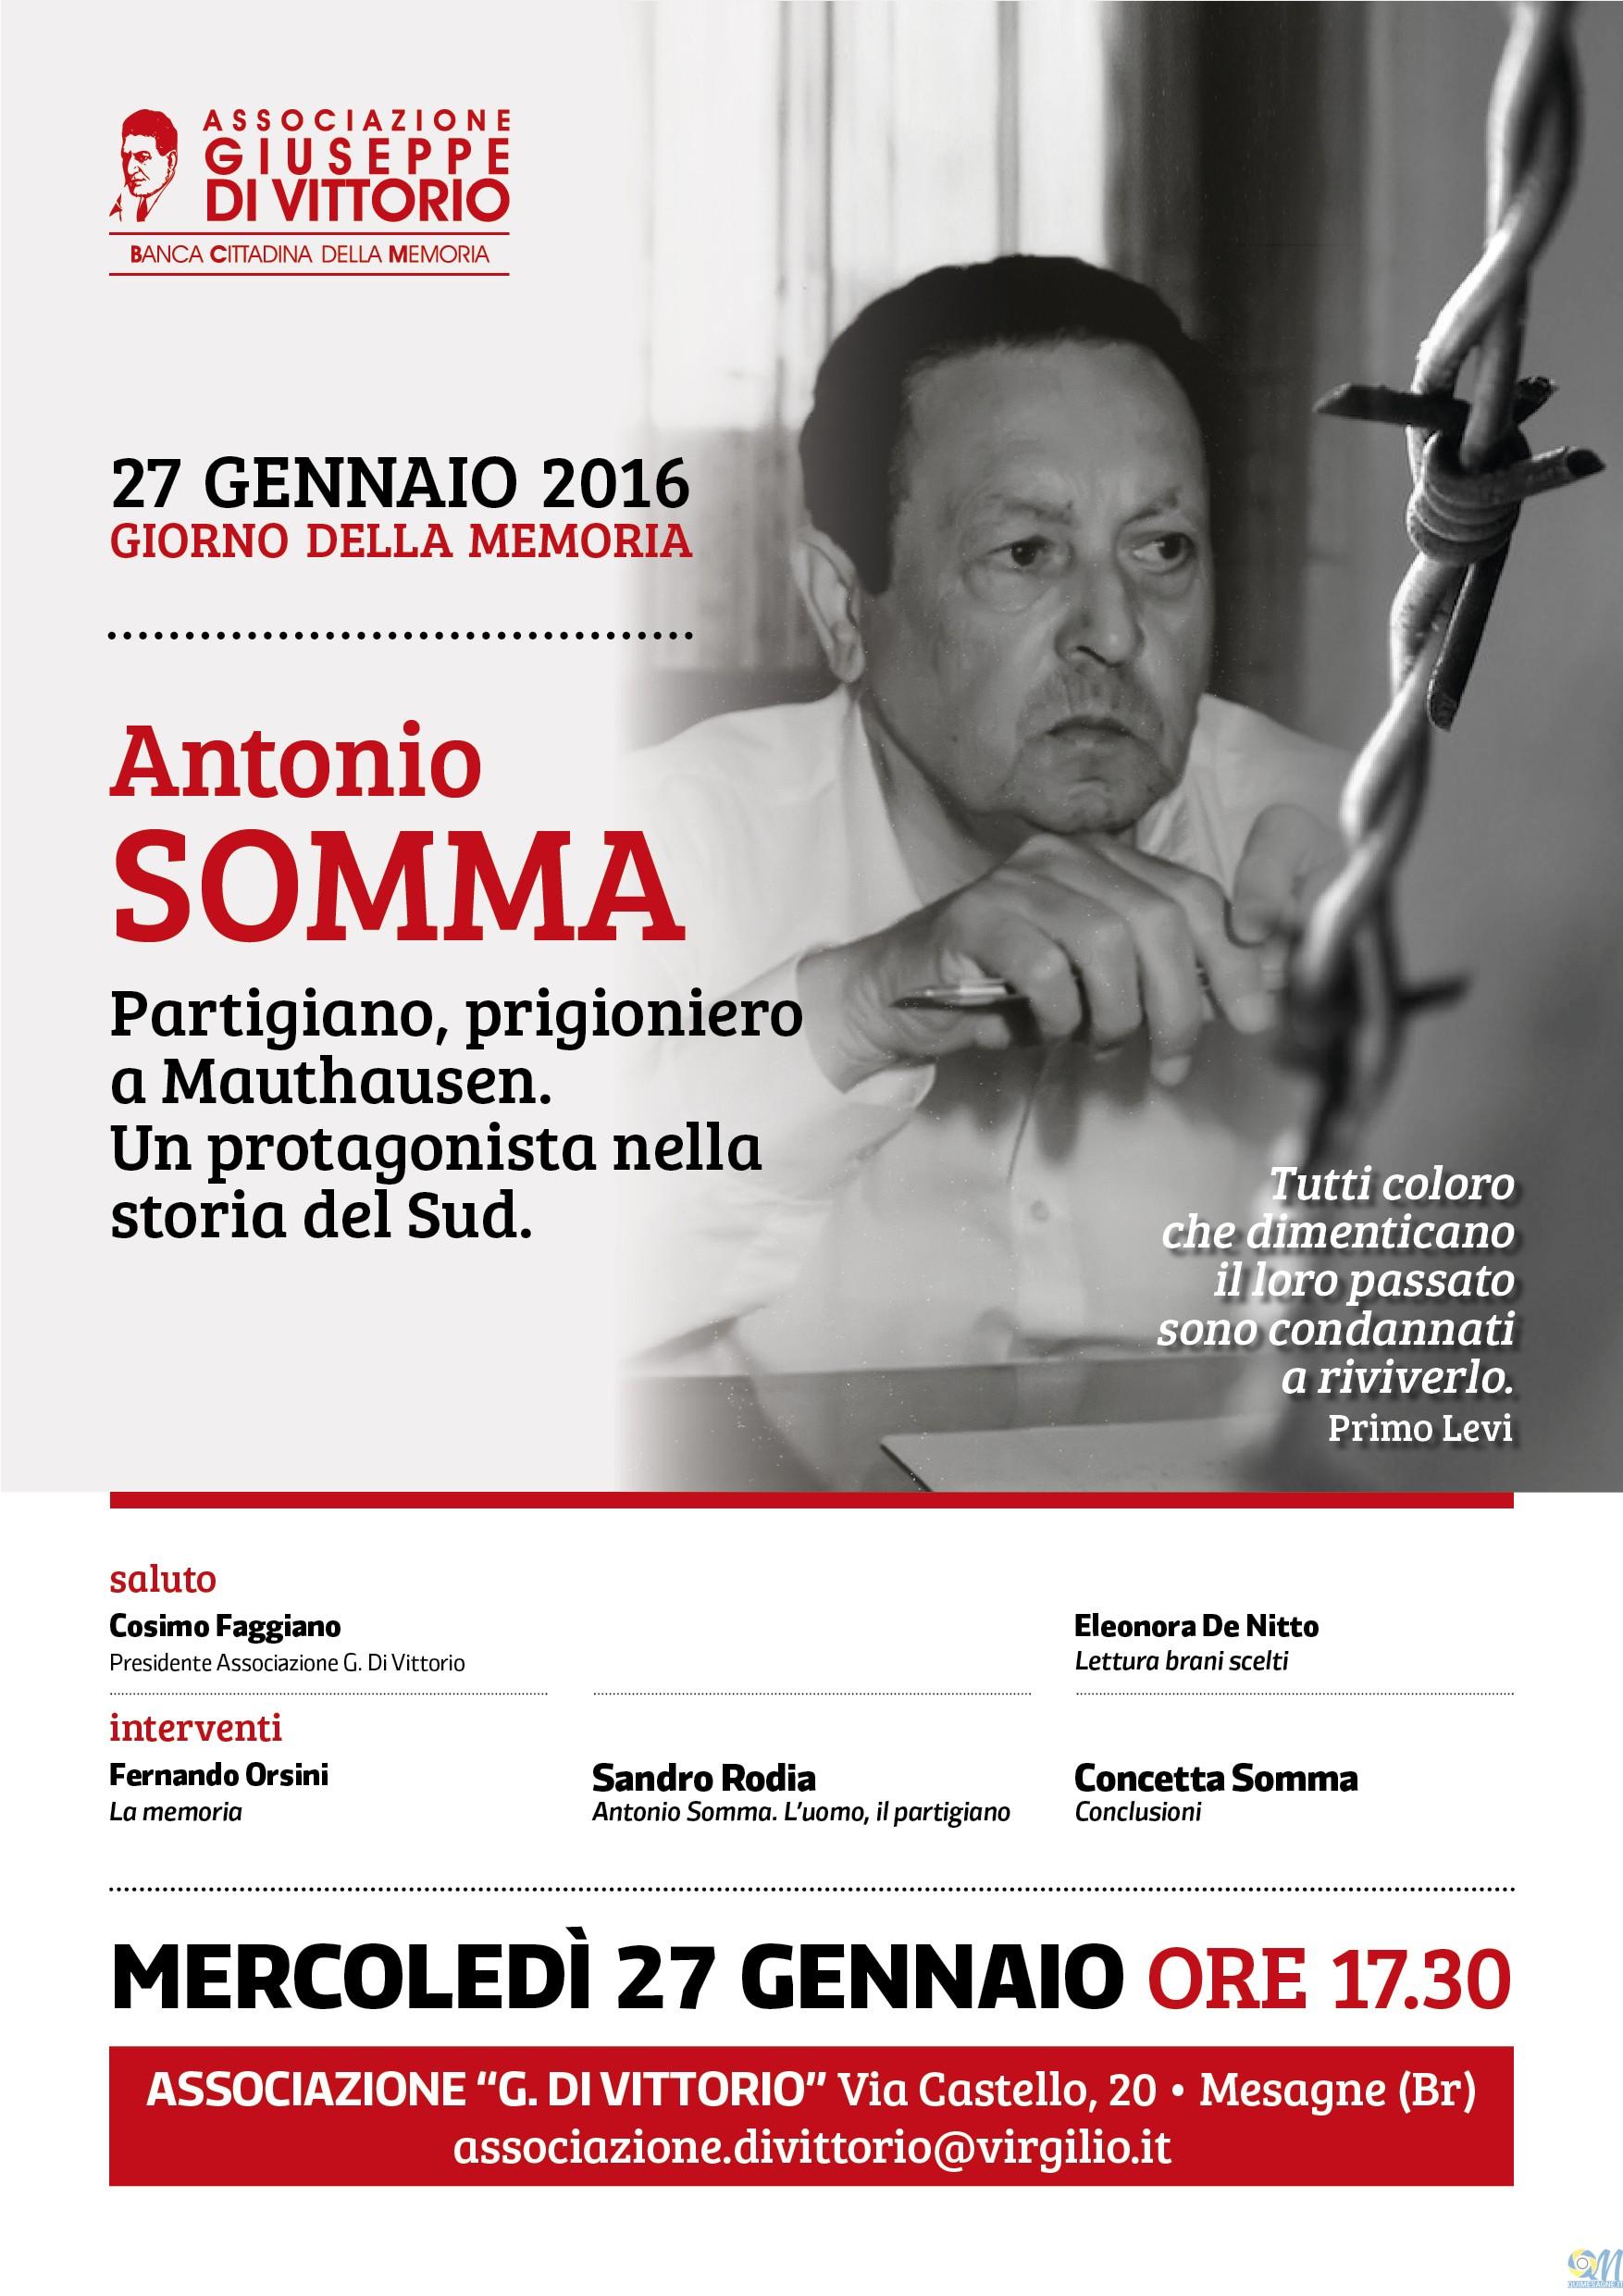 Giornata della Memoria, Mercoledì 27 gennaio alla Di Vittorio ricordando Antonio Somma